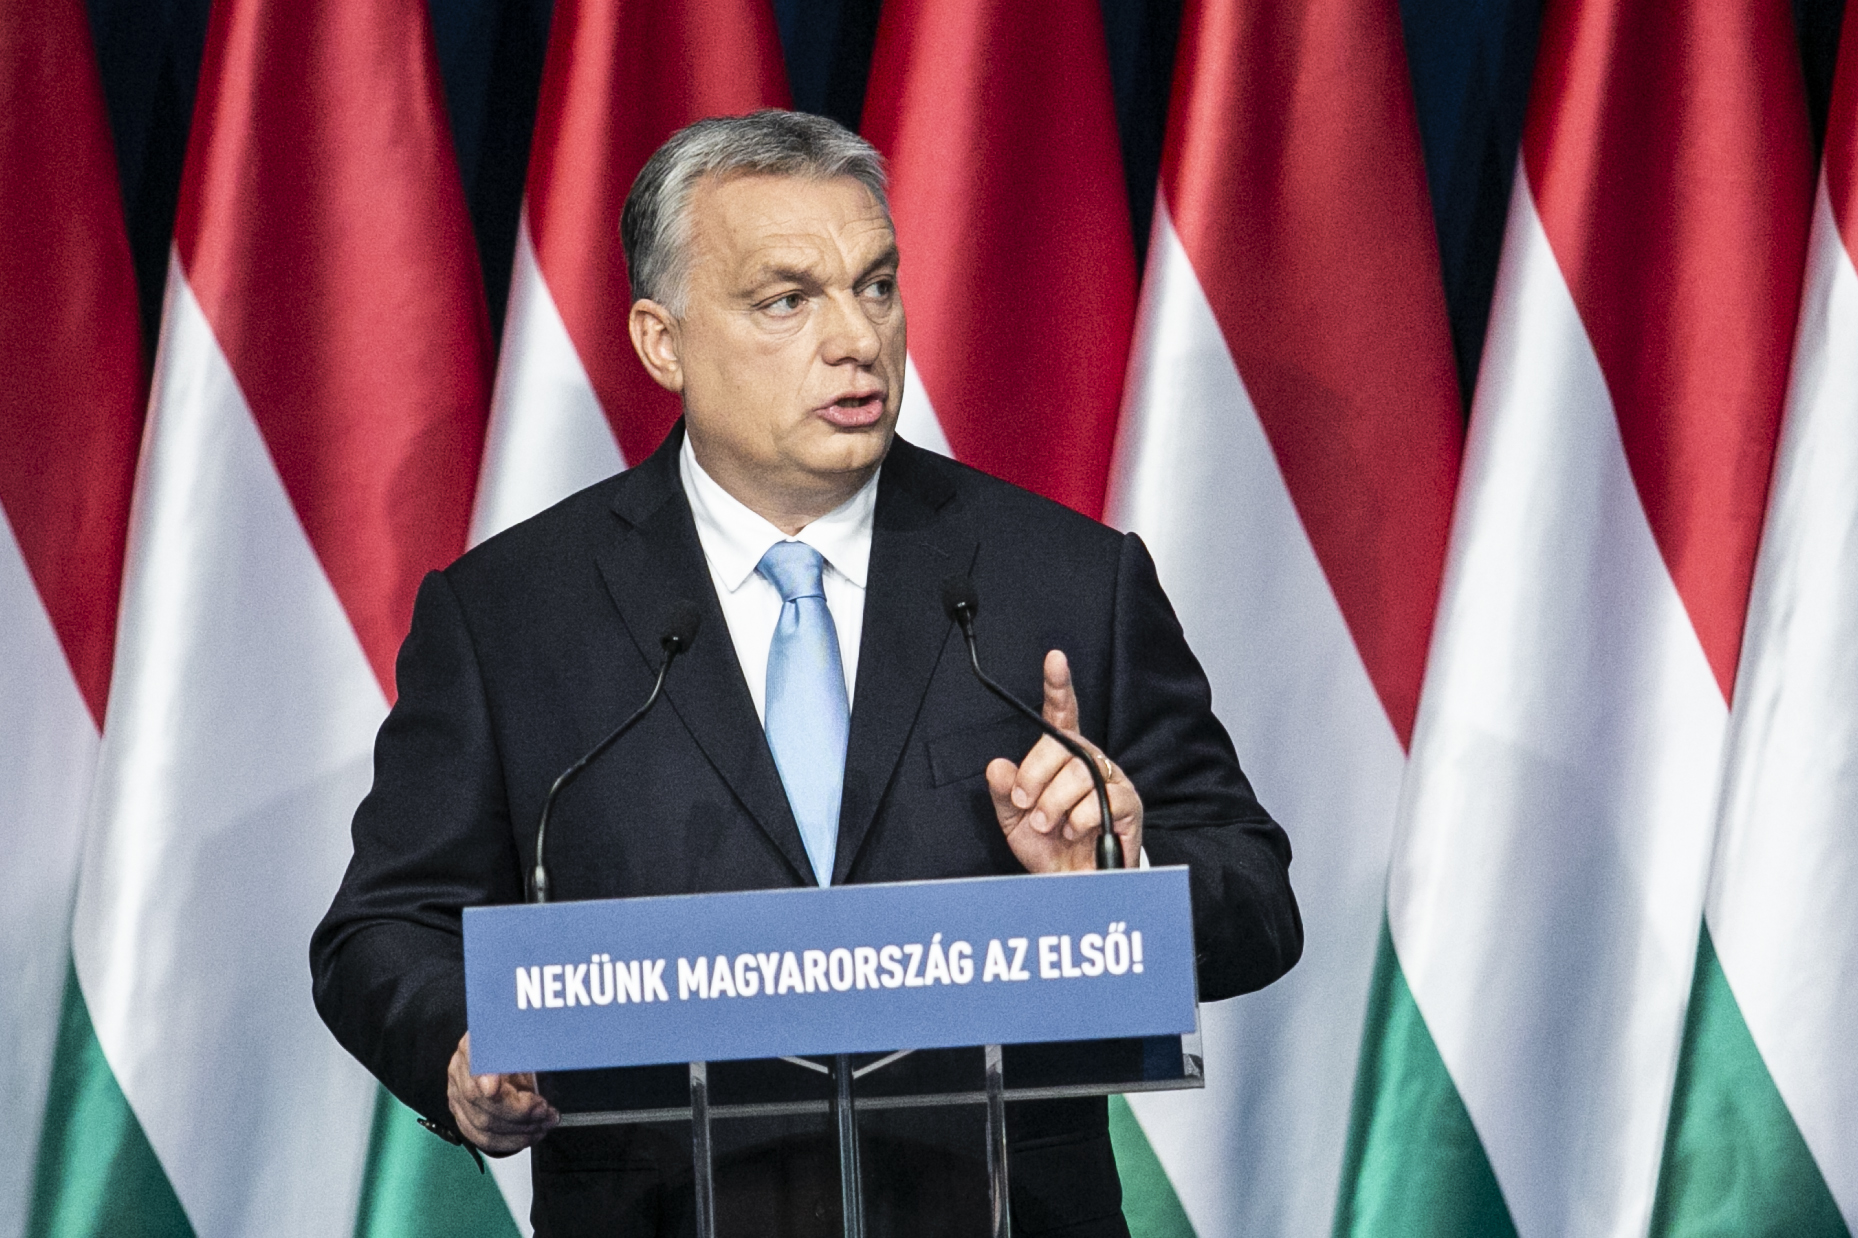 Jó, ha láthatom is, ahogy épül Magyarország - mondta Orbán, és átadta Mészáros Lőrincék új gabonafeldolgozóját